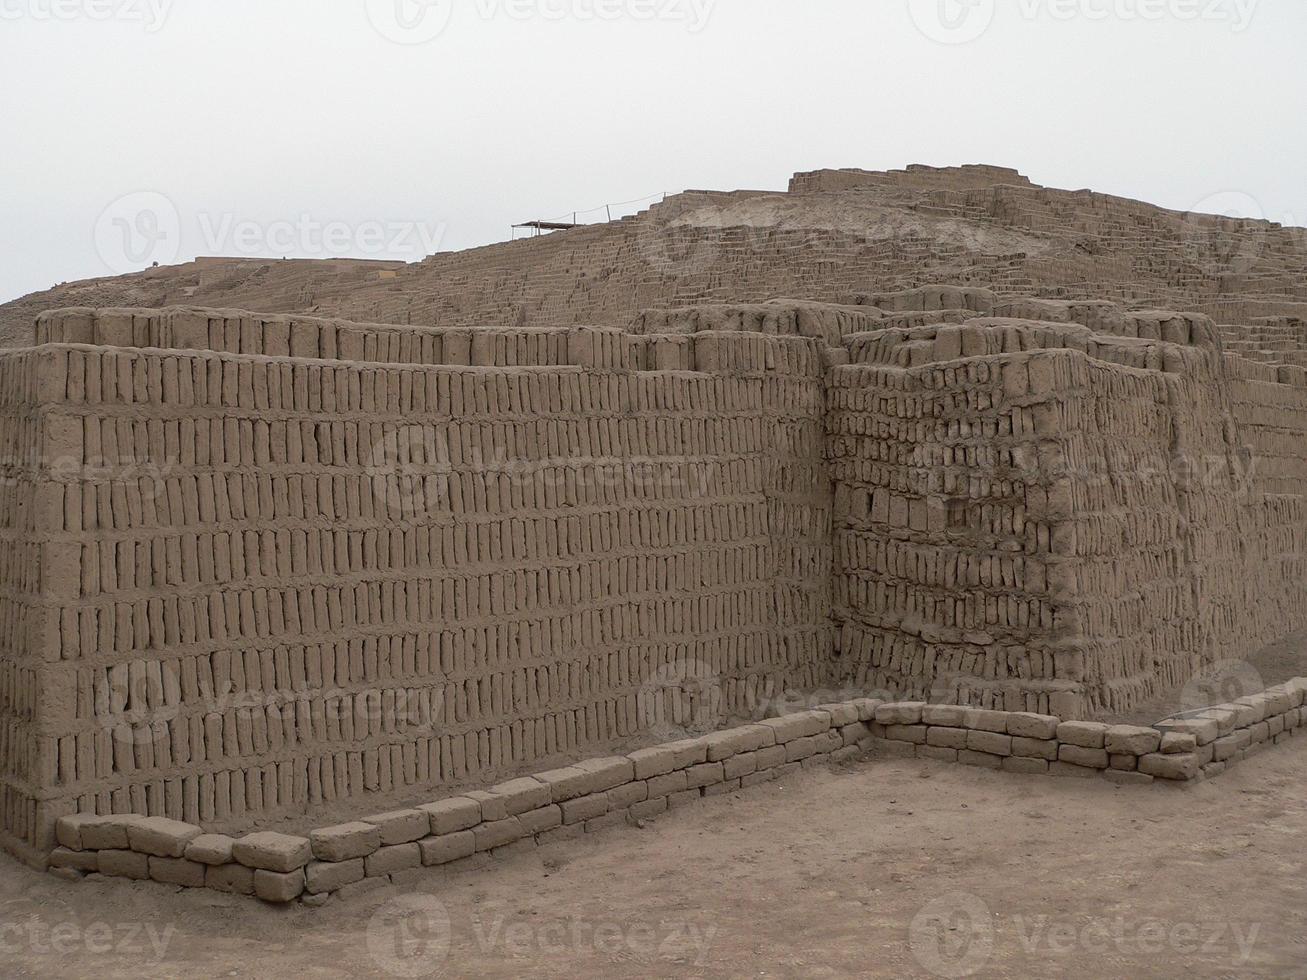 piramide di huaca pucllana a lima foto